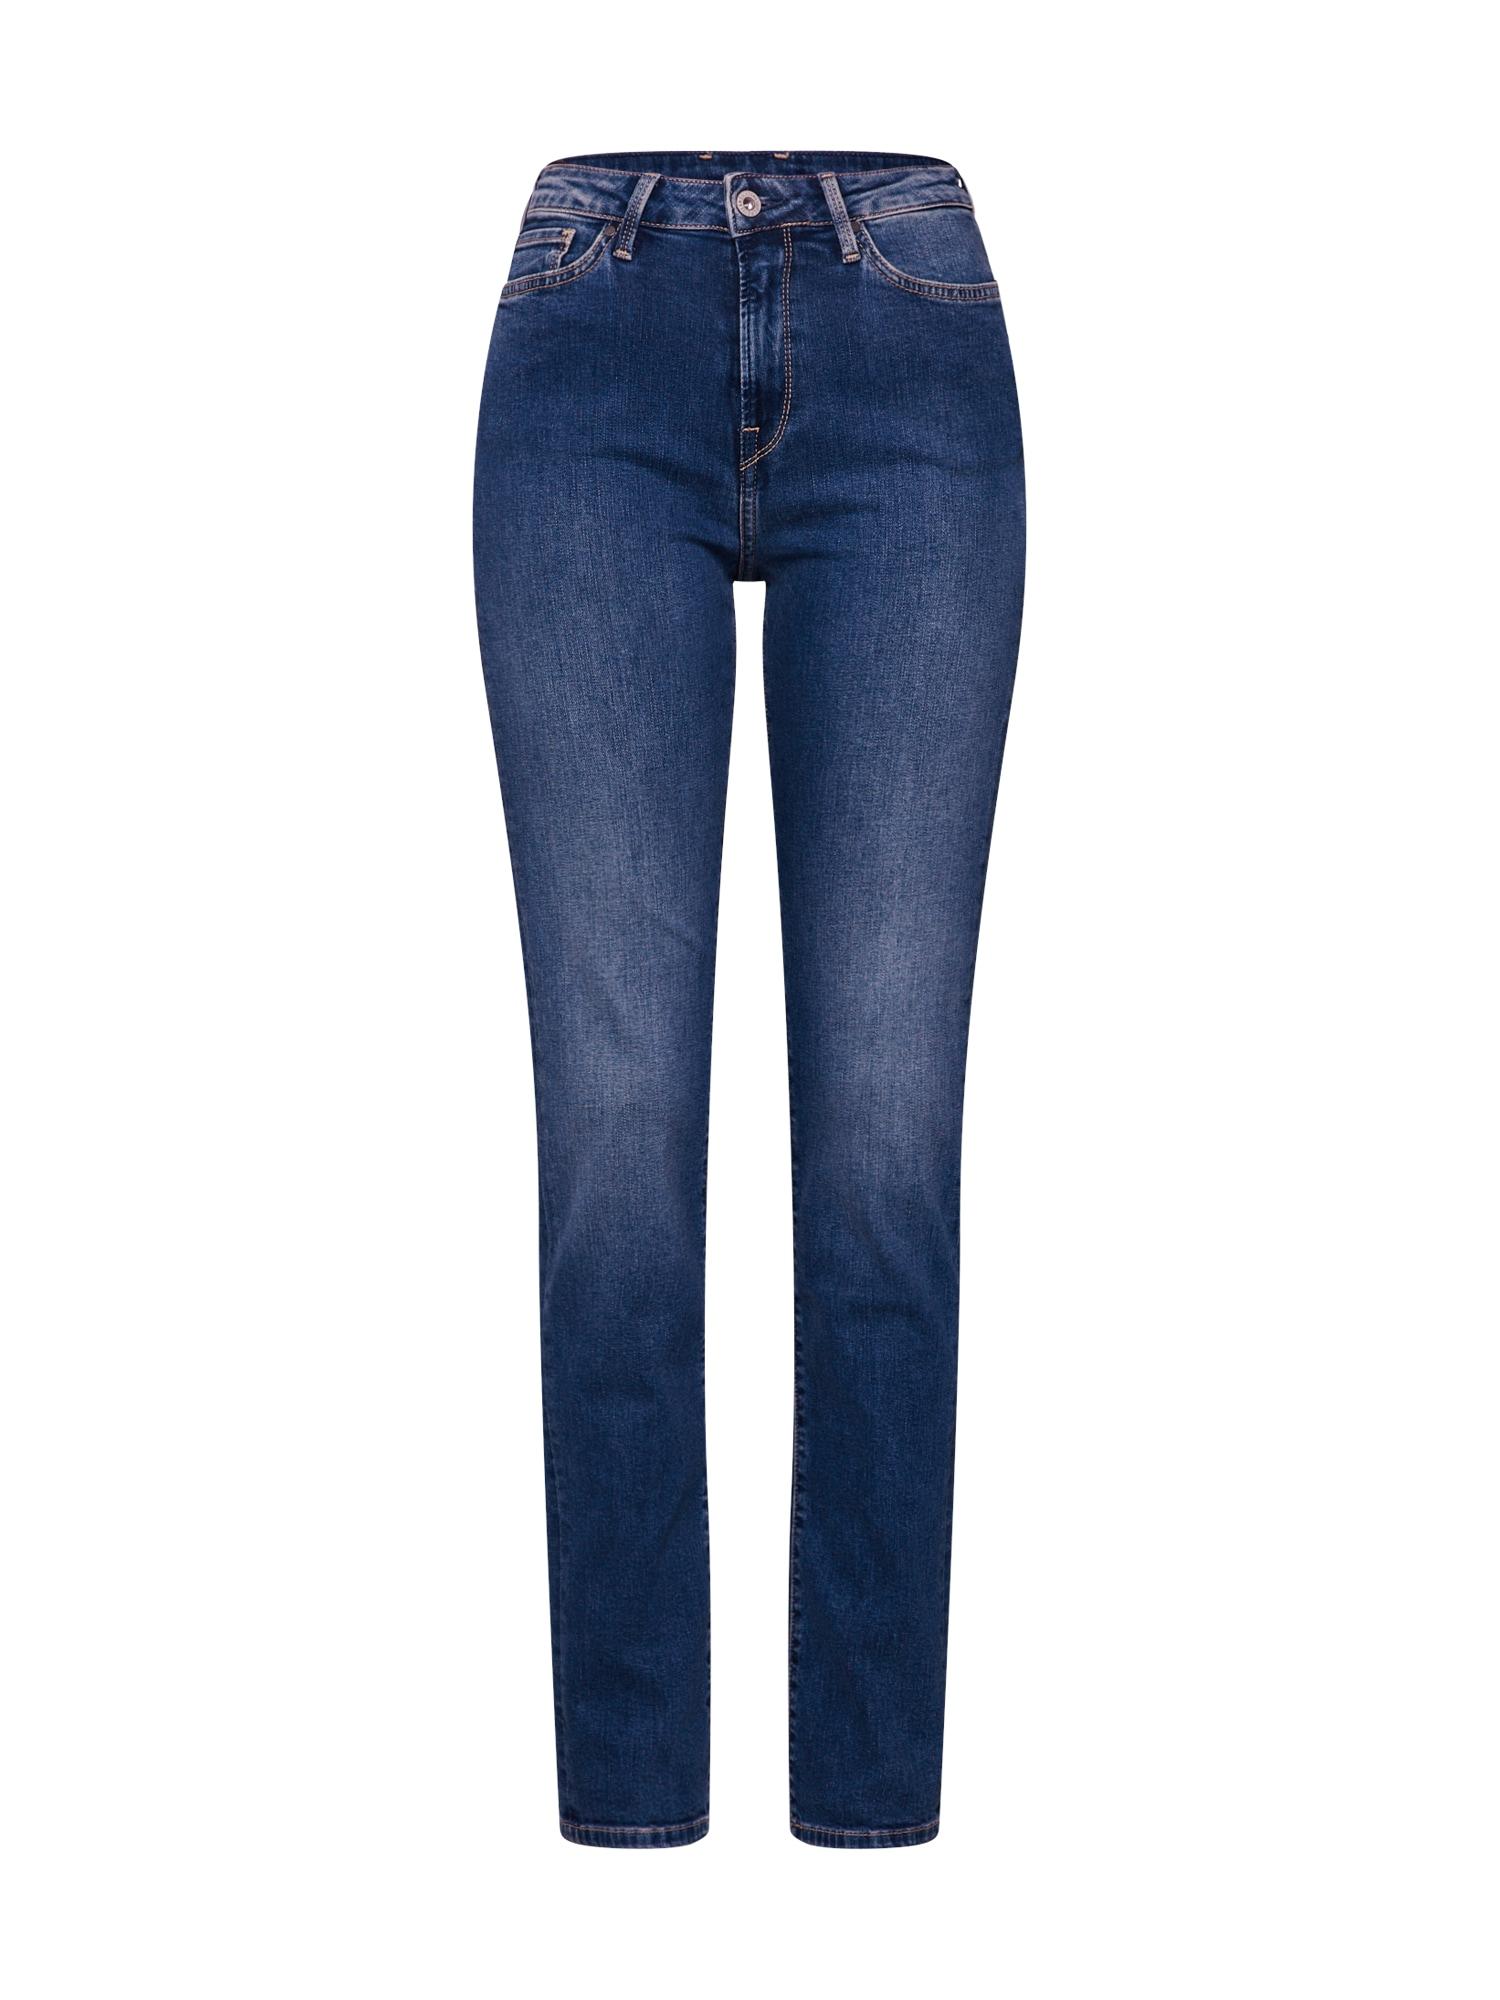 Džíny Alexa modrá džínovina Pepe Jeans